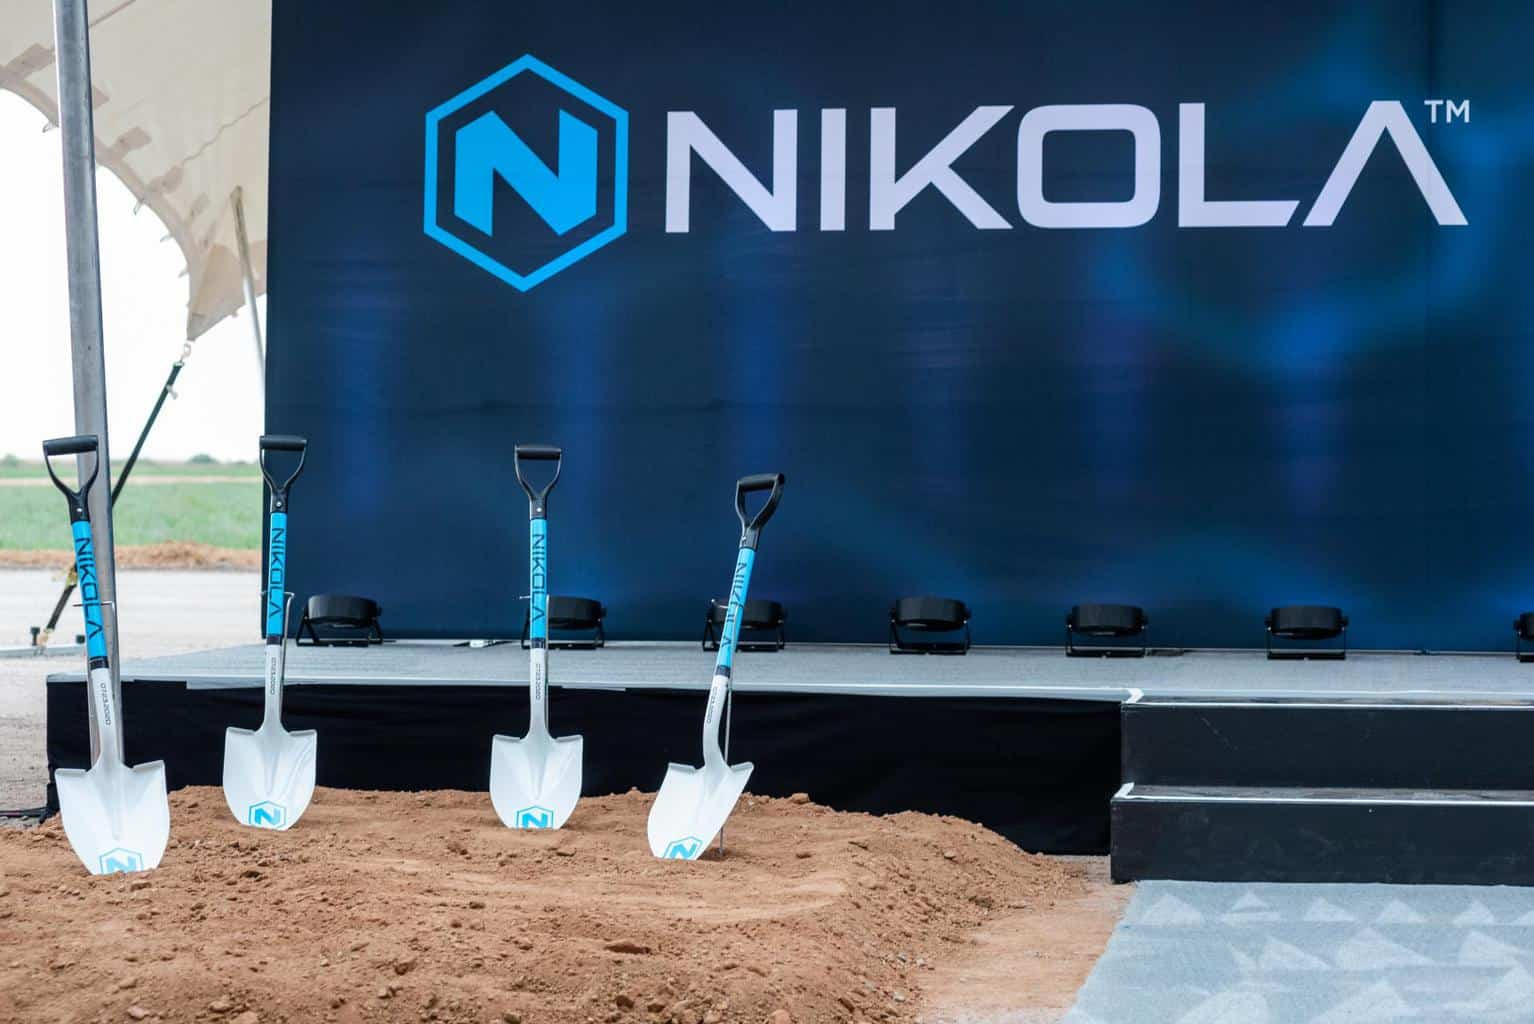 Nikola: Spatenstich für eine Mio. Quadratmeter große Produktionsstätte erfolgt